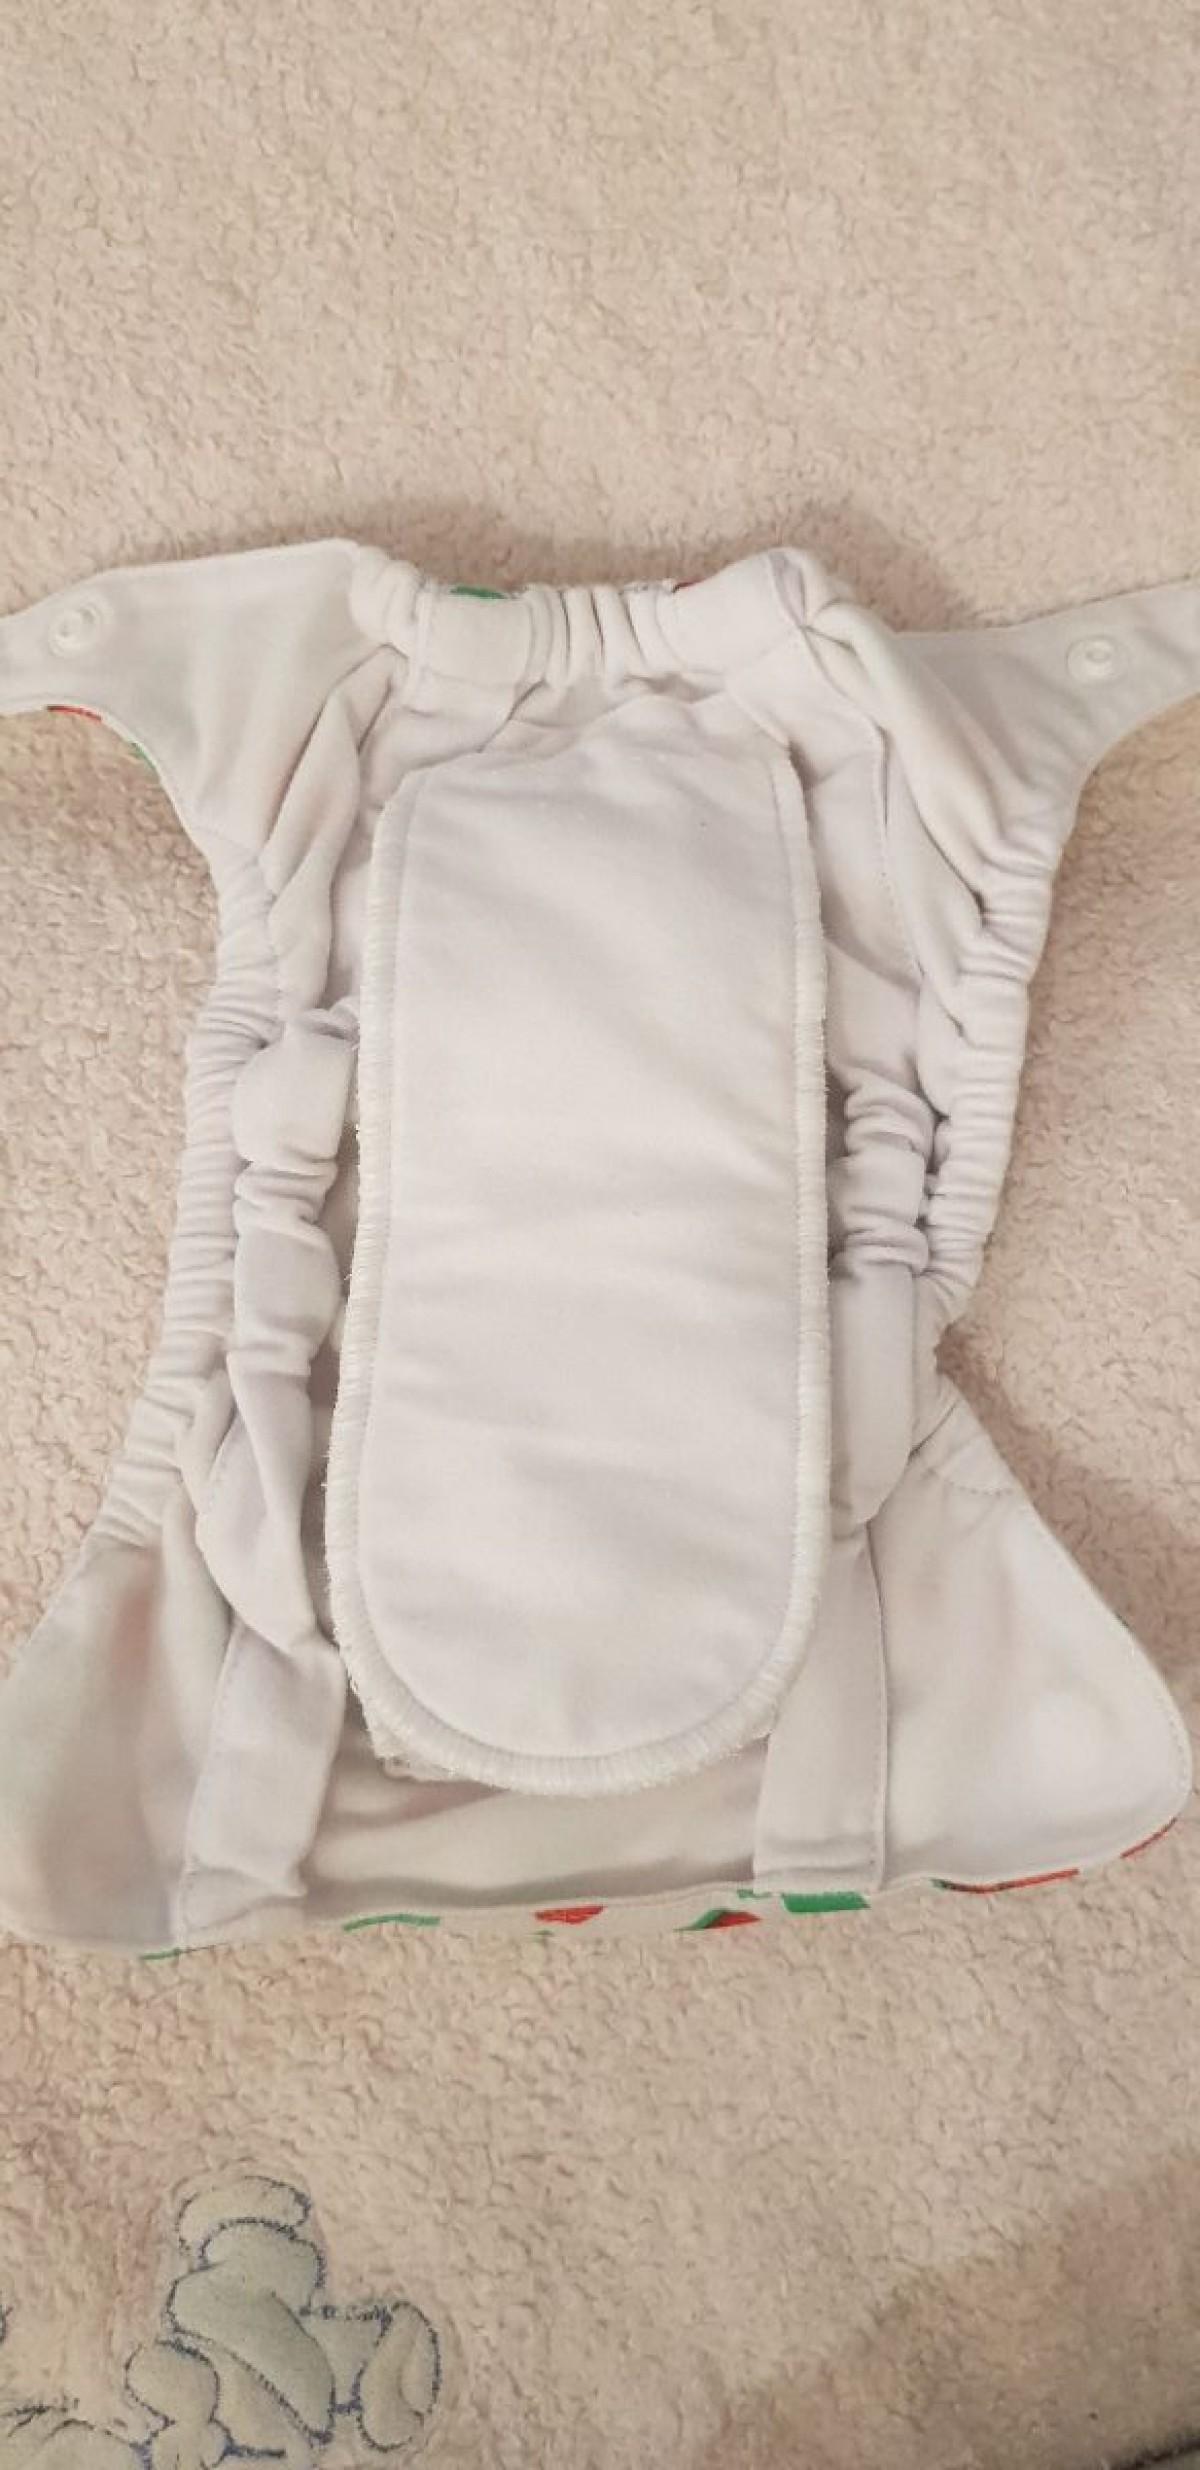 Bambooty AIO Newborn